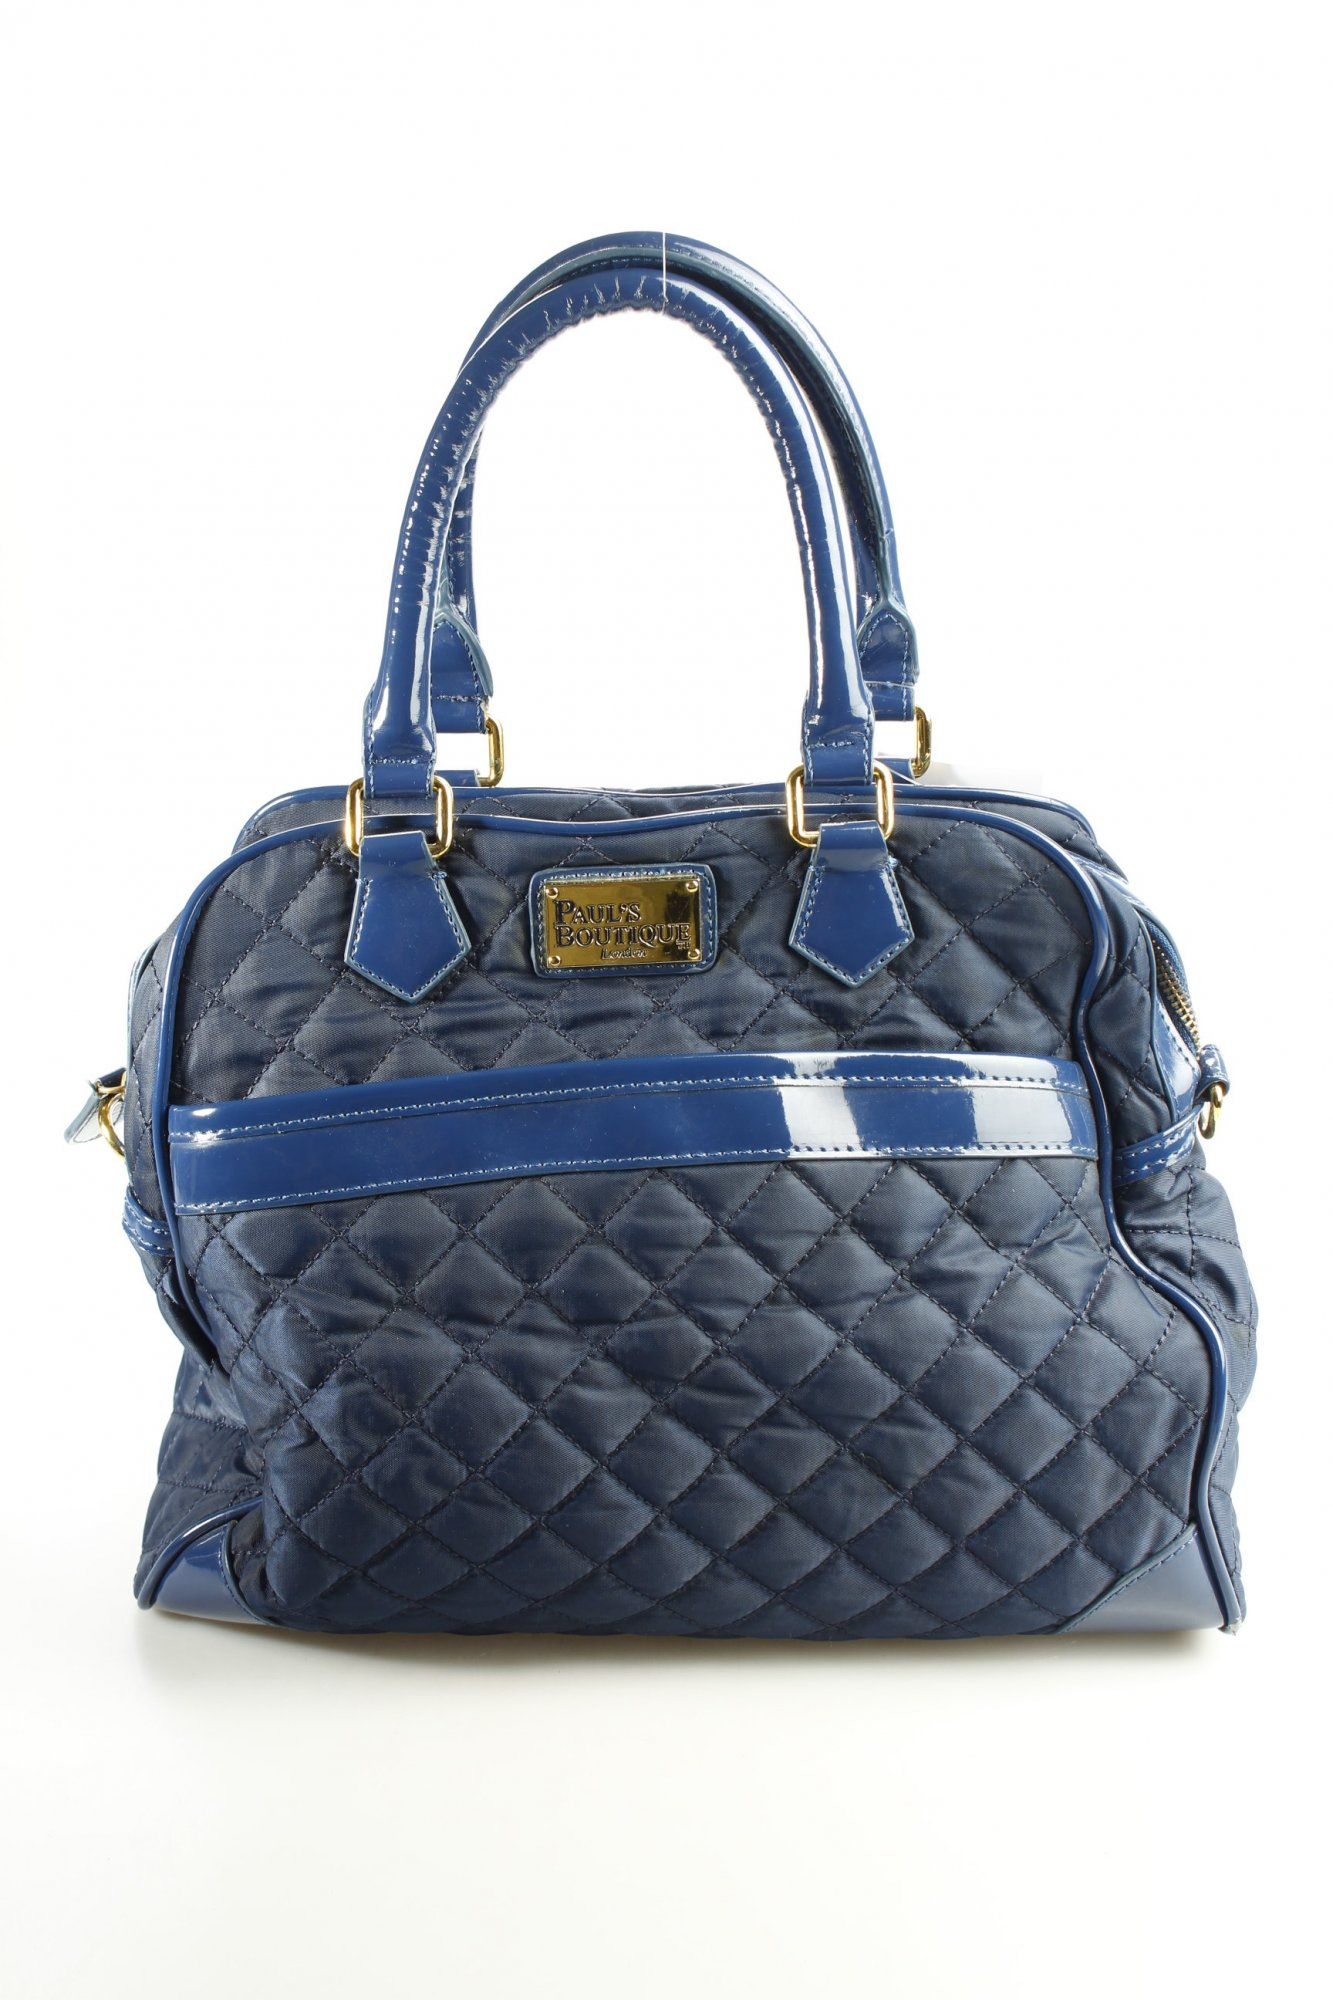 Pauls Boutique Borsetta Blu Scuro Motivo Trapuntato Stile Materiale Misto Donna - pauls - ebay.it